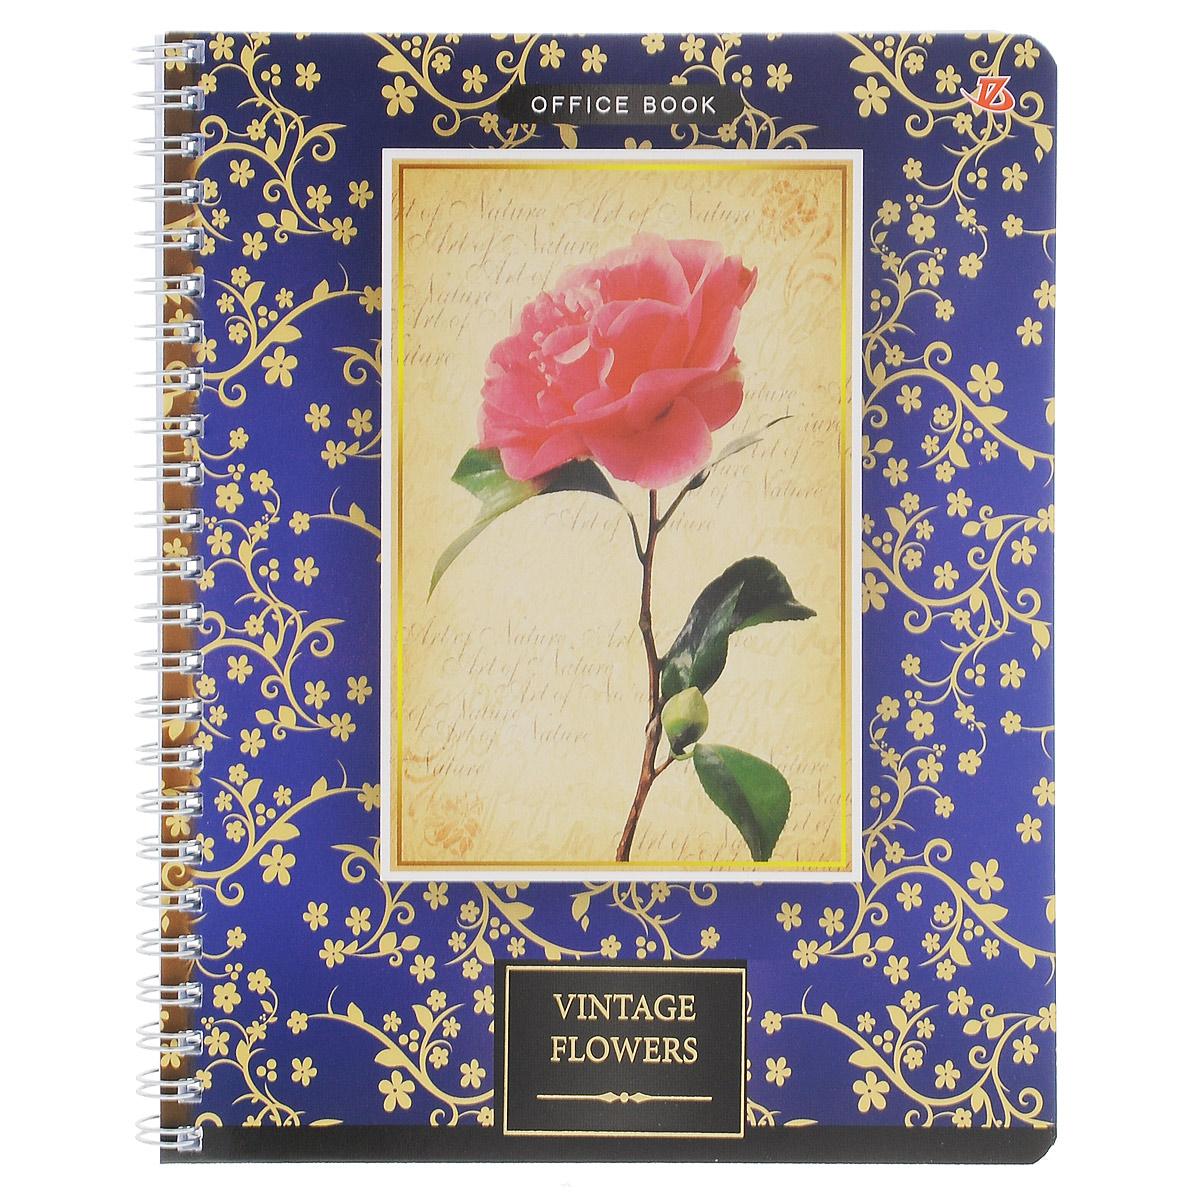 Тетрадь в клетку Vintage Flowers: Роза, на гребне, цвет: синий, 80 листов. 6660/372523WDТетрадь на гребне Vintage Flowers: Роза подойдет для любых работ и студенту, и школьнику.Фактурная обложка тетради с элементами золотого тиснения выполнена из мелованного картона с закругленными углами.Внутренний блок тетради соединен металлической пружиной и состоит из 80 листов высококачественной бумаги повышенной белизны в клетку.